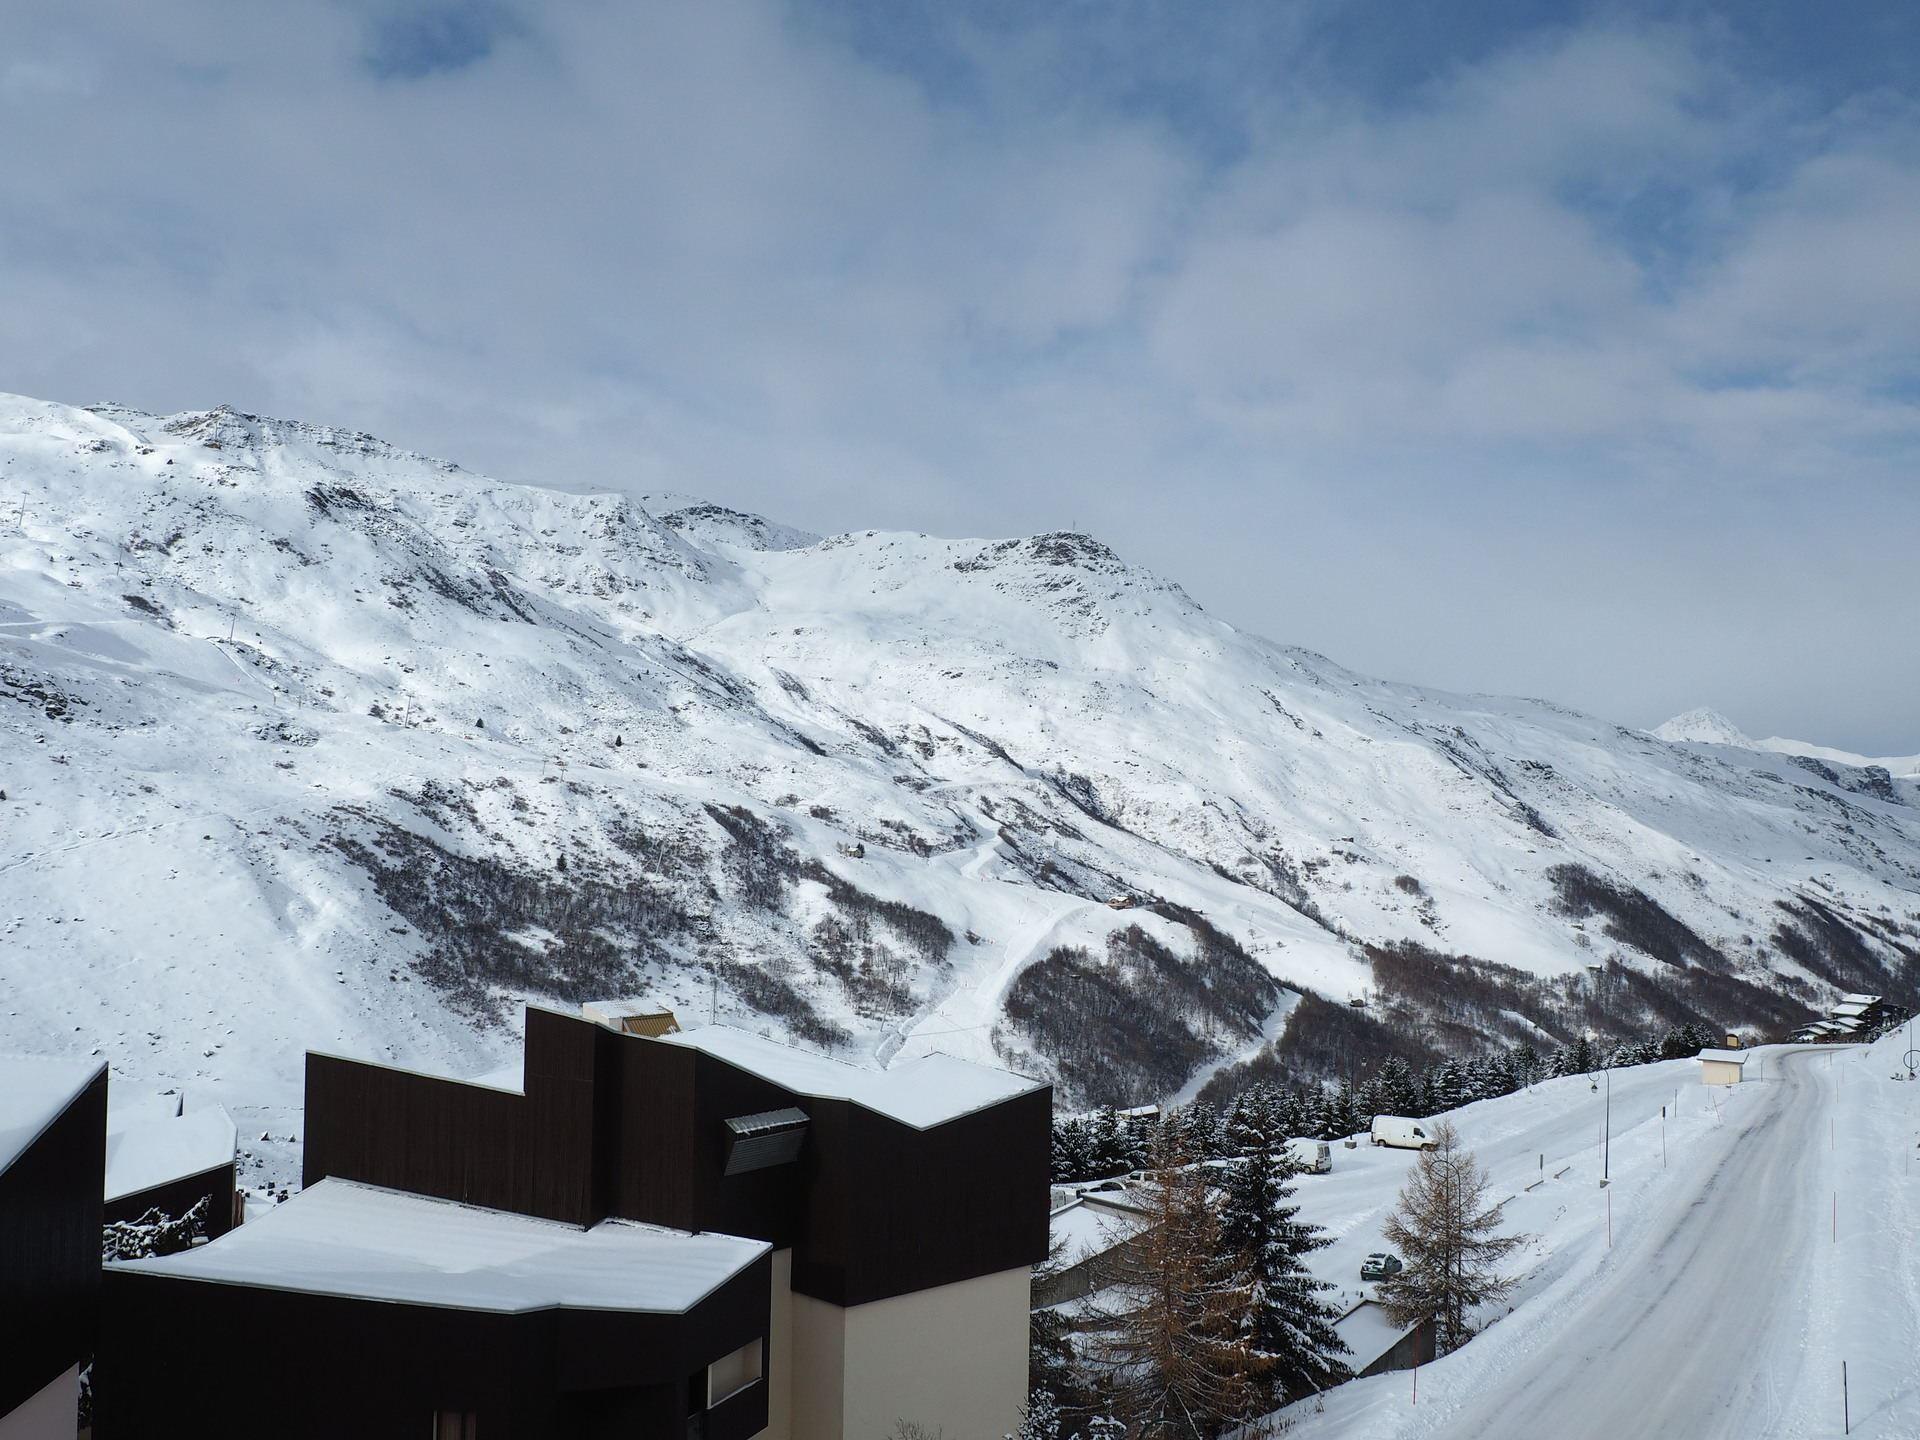 4 Pers Studio ski-in ski-out / GENEPI 47